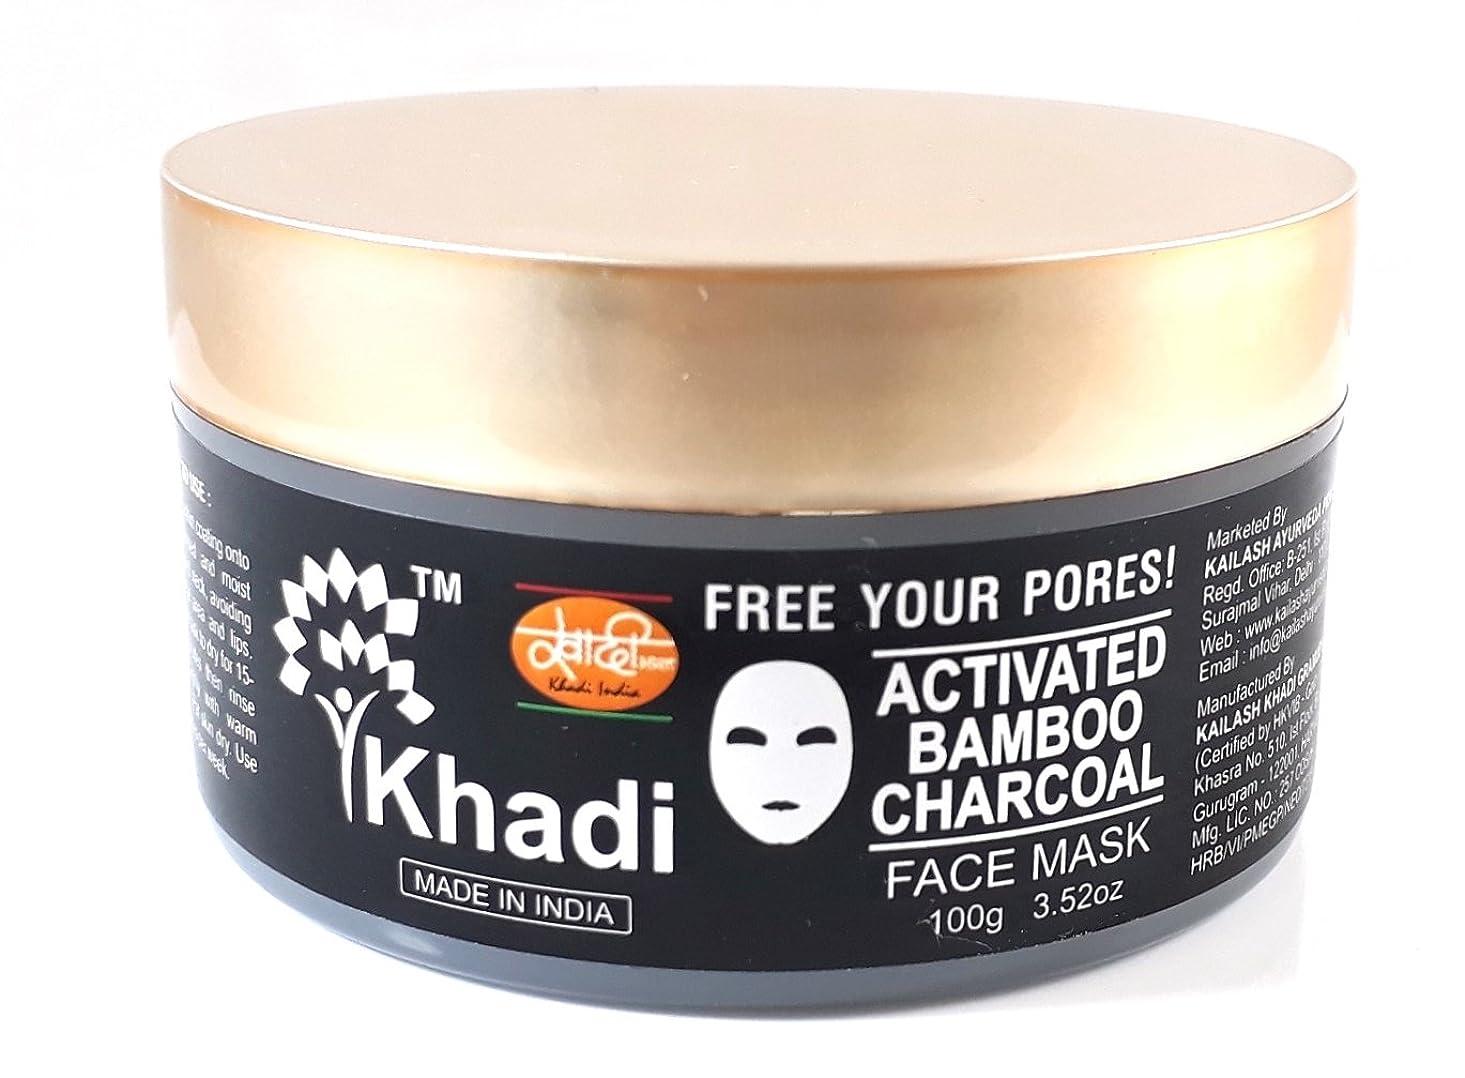 メガロポリスリップブルームkhadi activated Bamboo Charcoal face mask 100gm black face mask clear skin